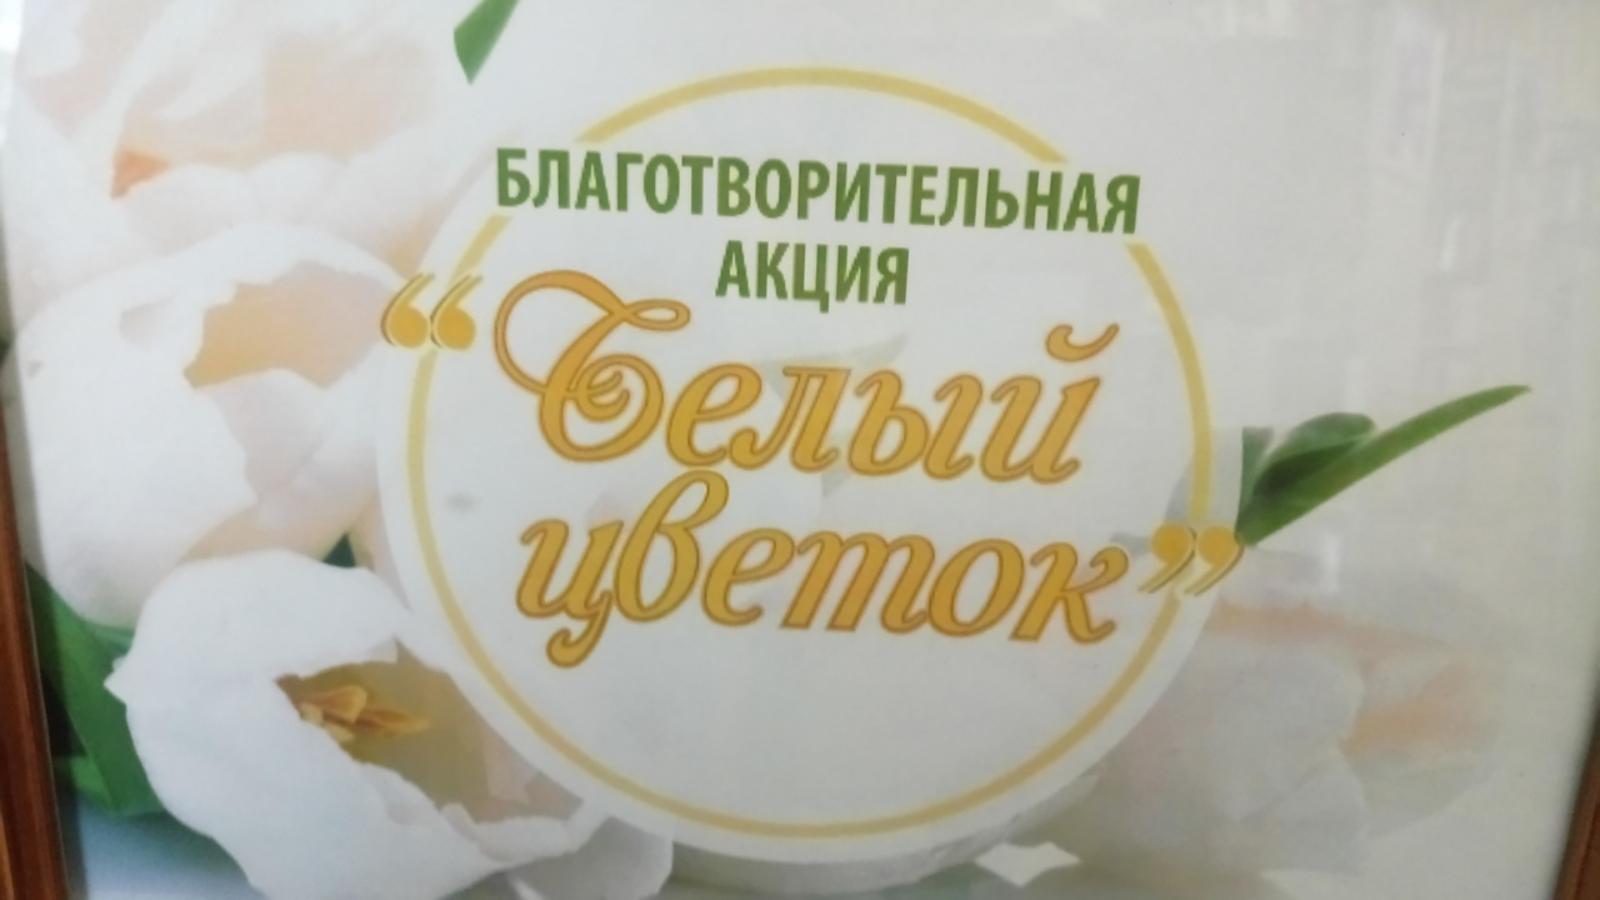 image_image_4698539